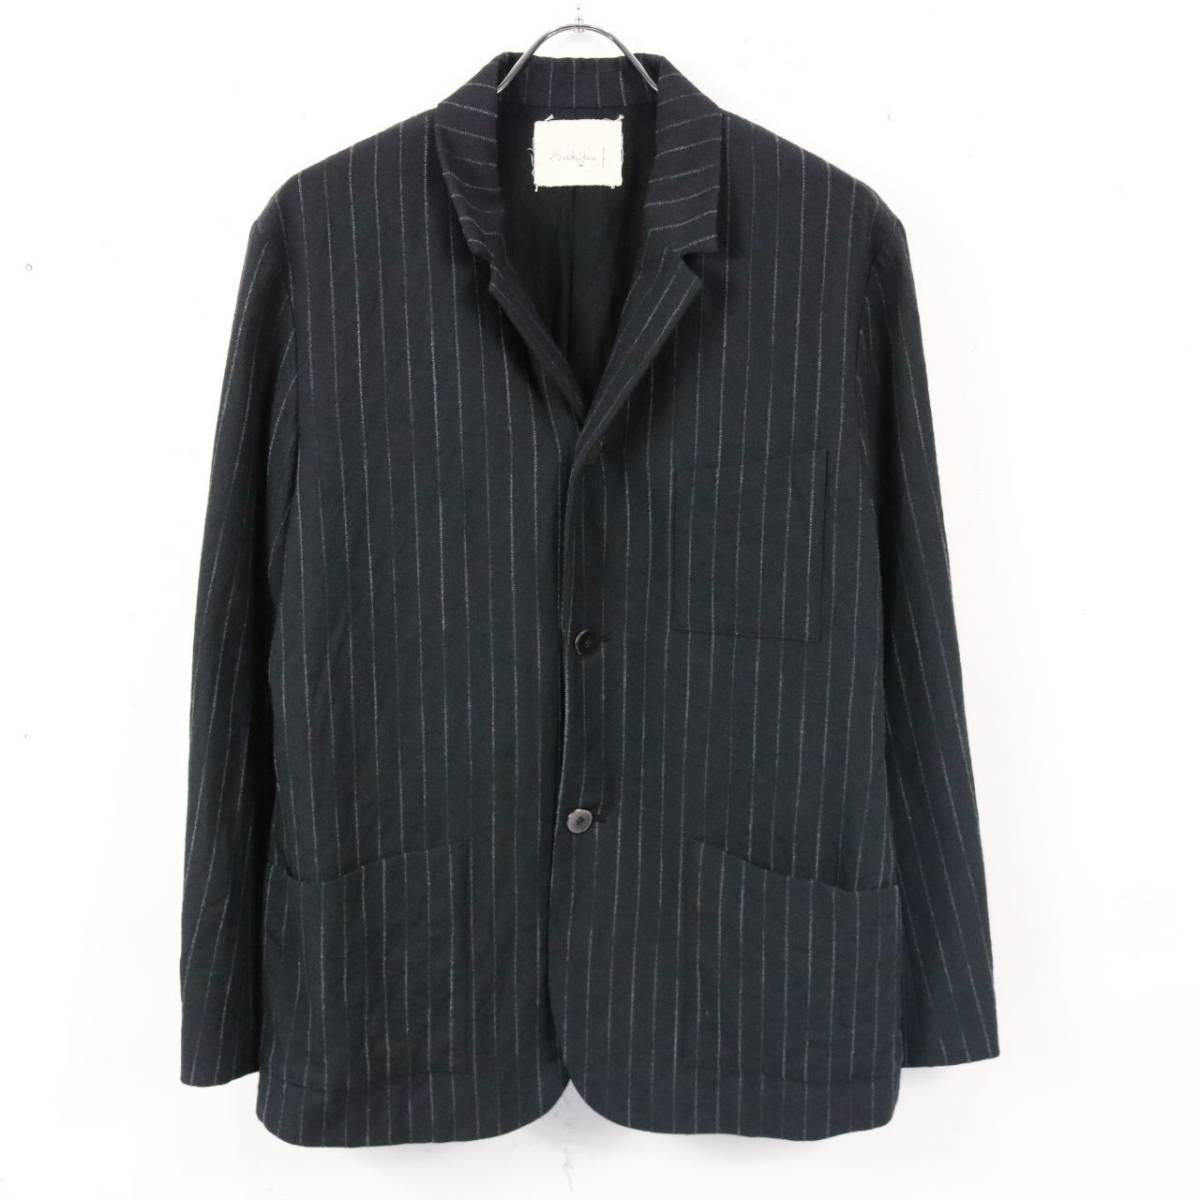 メンズファッション, コート・ジャケット Araki yuu 2018AW tailored jacket. dark stripe black button 1 I222012-P-c360335d1826652